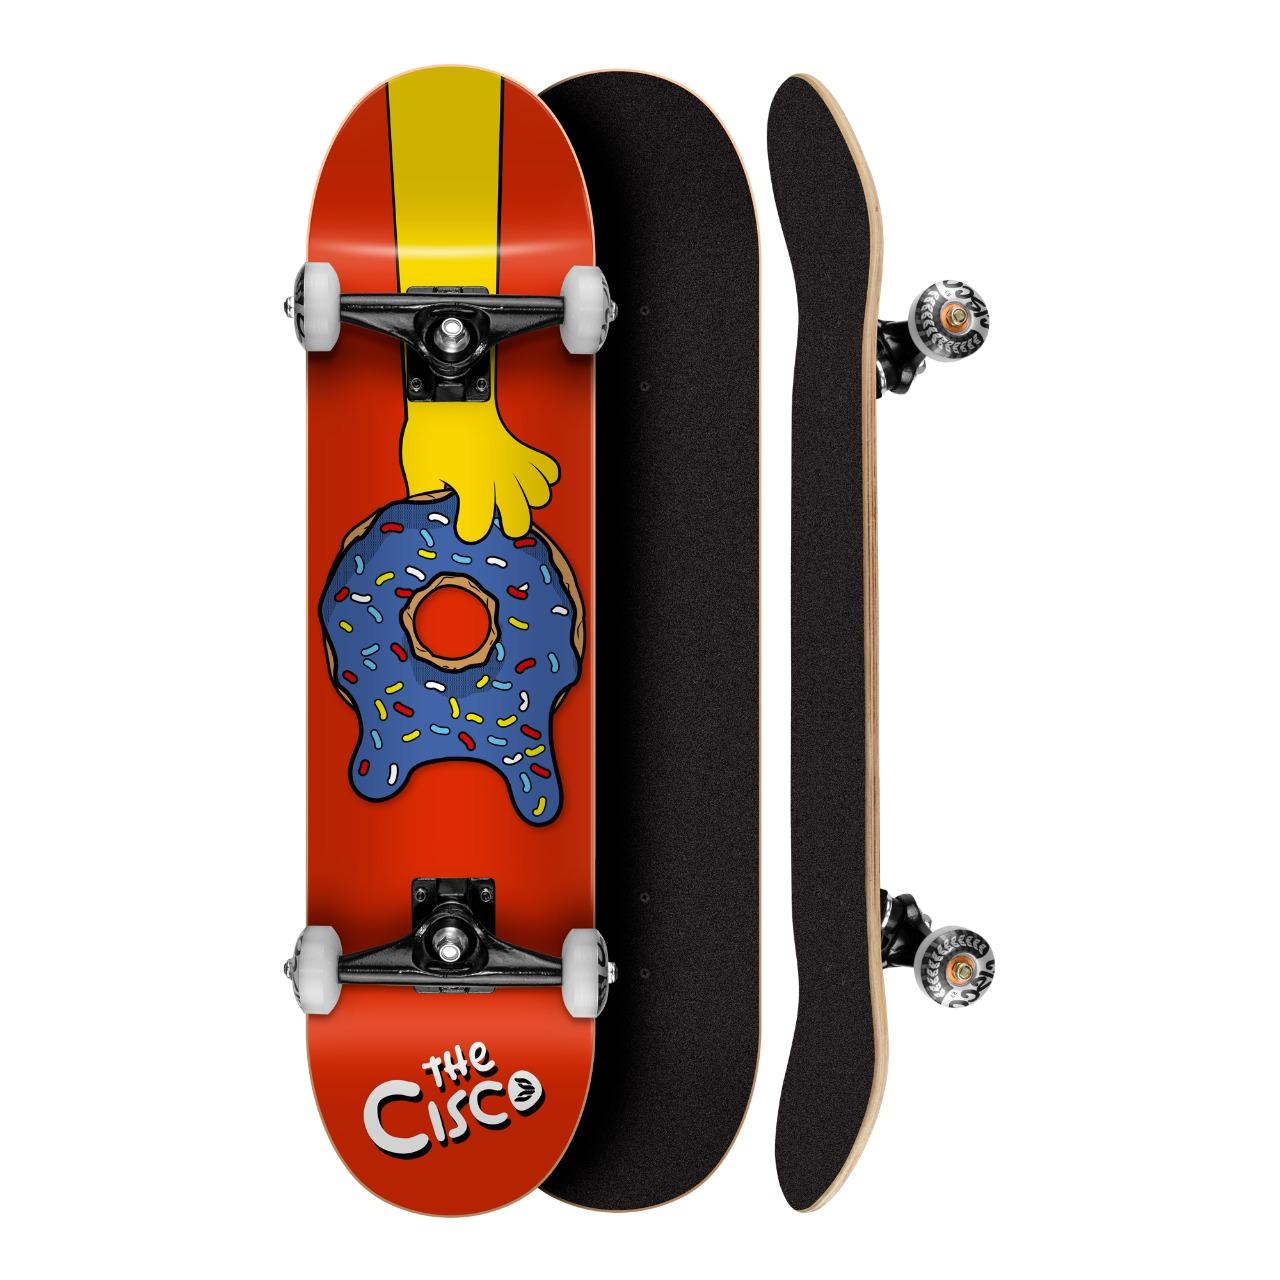 Skate Montado Cisco Profissional Serie The Cisco Dunuts Red 8.0 - Abec 5